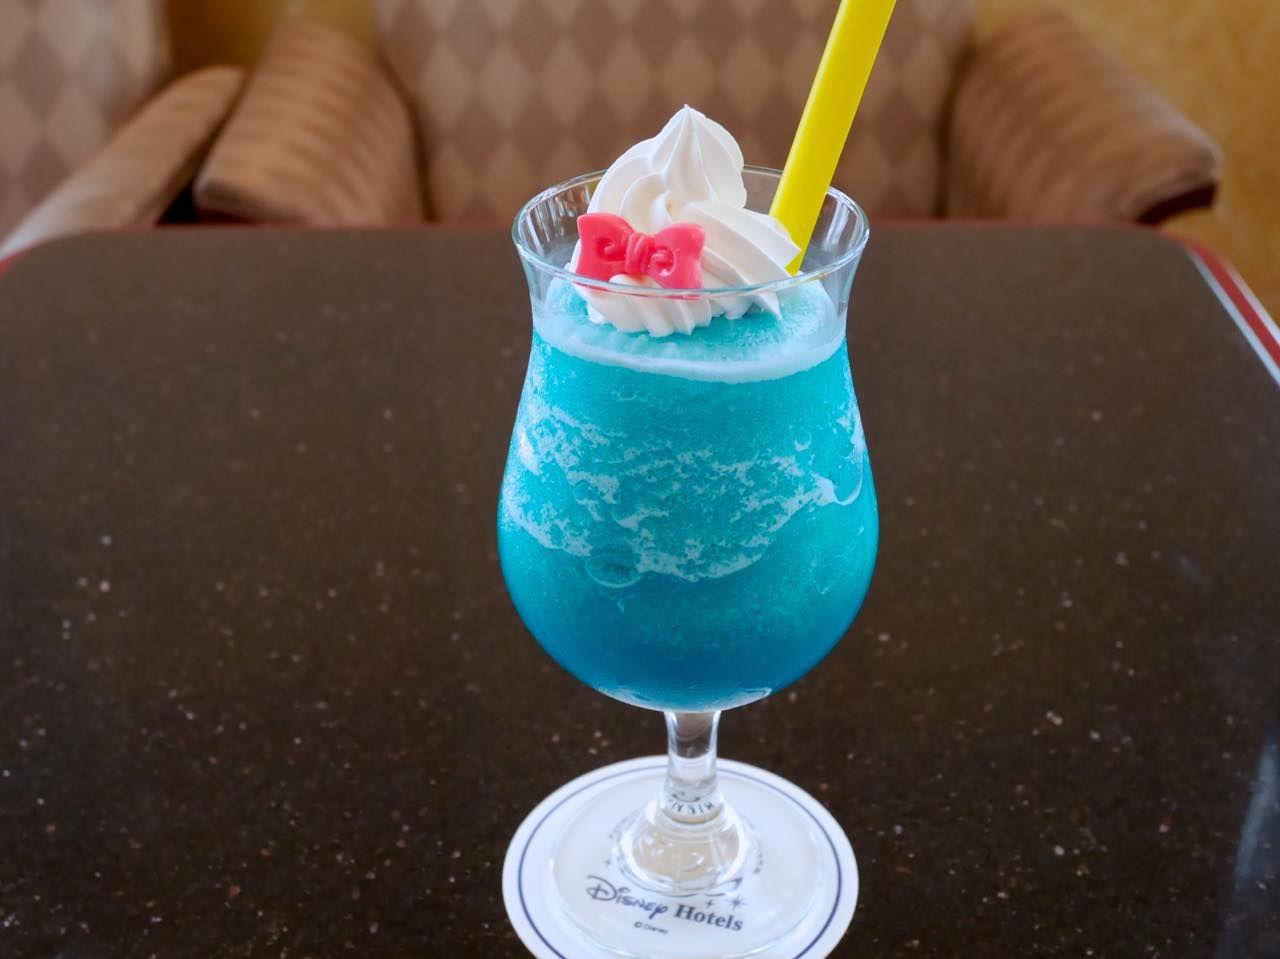 ディズニーホテルでスペシャルノンアルコールカクテルが登場